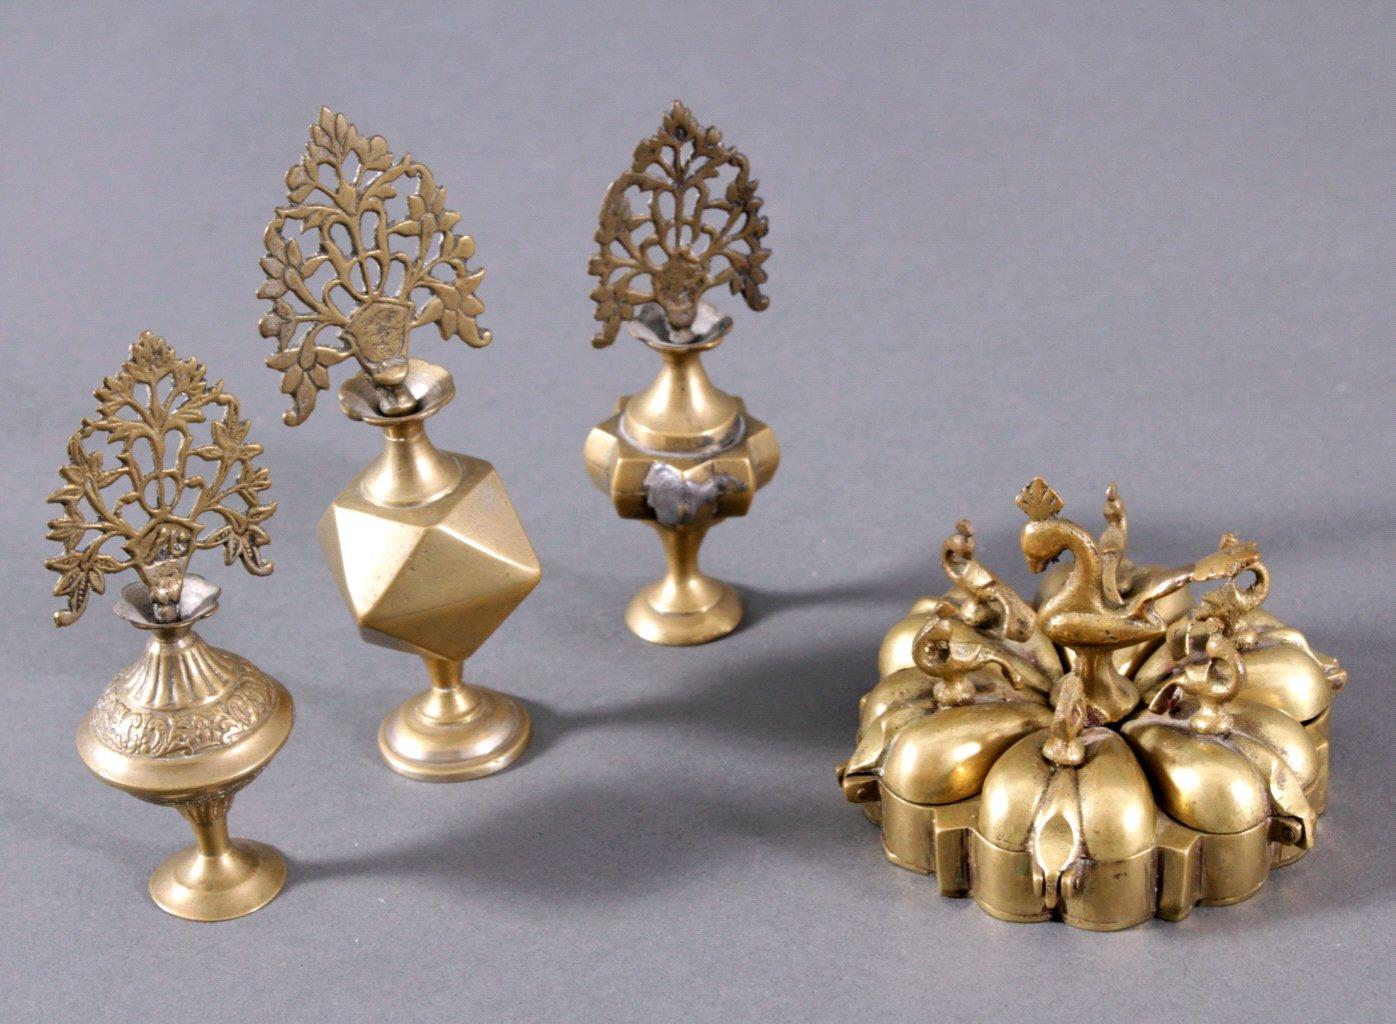 4 asiatischer Gegenstände